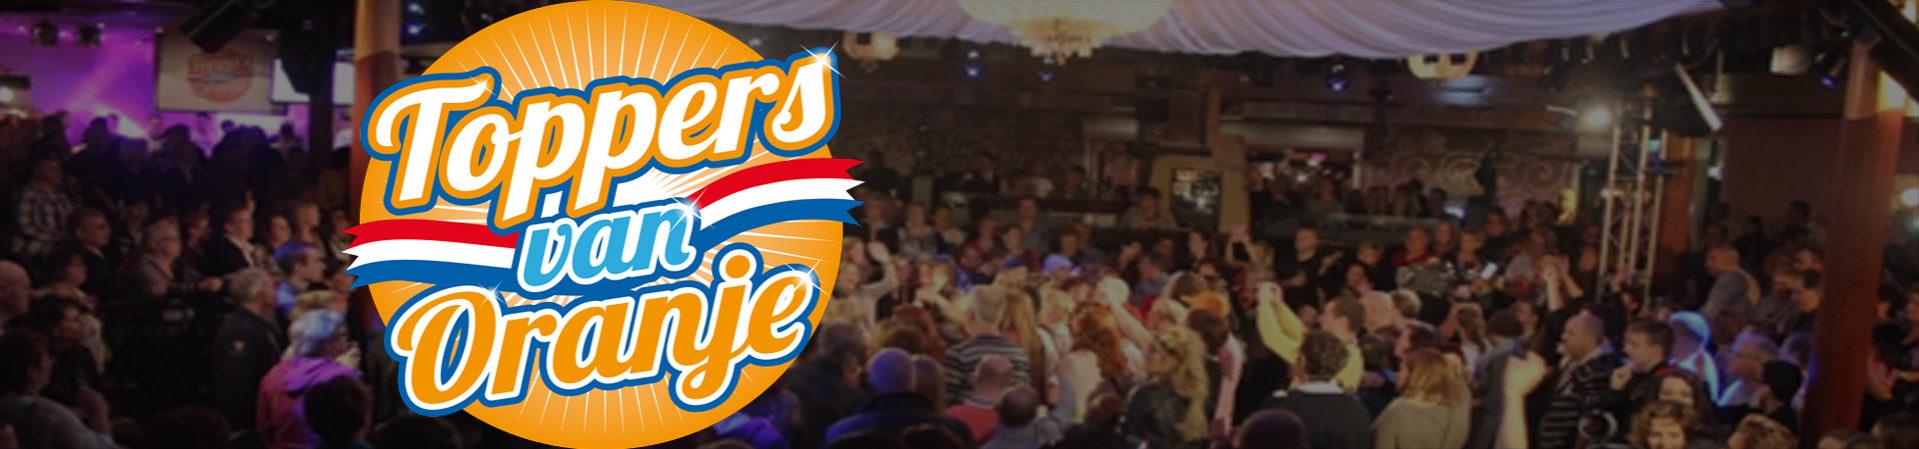 toppers-van-oranje-banner